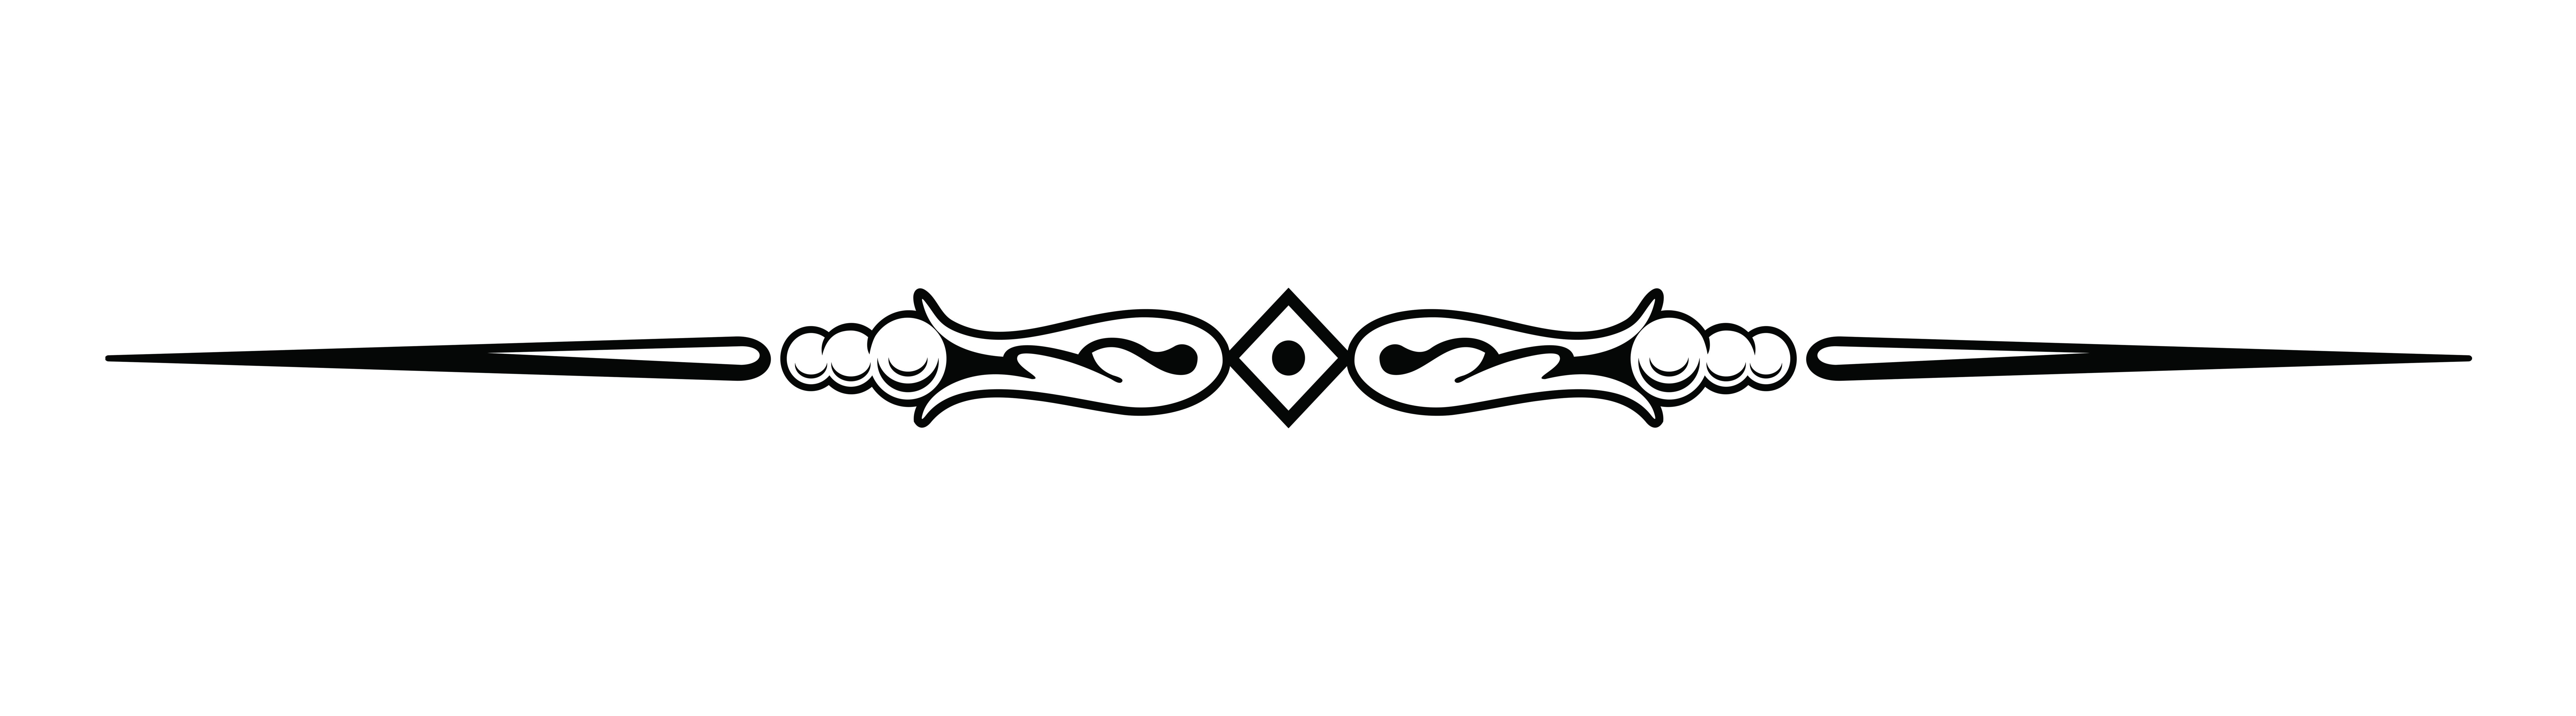 Black Line Divider Clipart #1